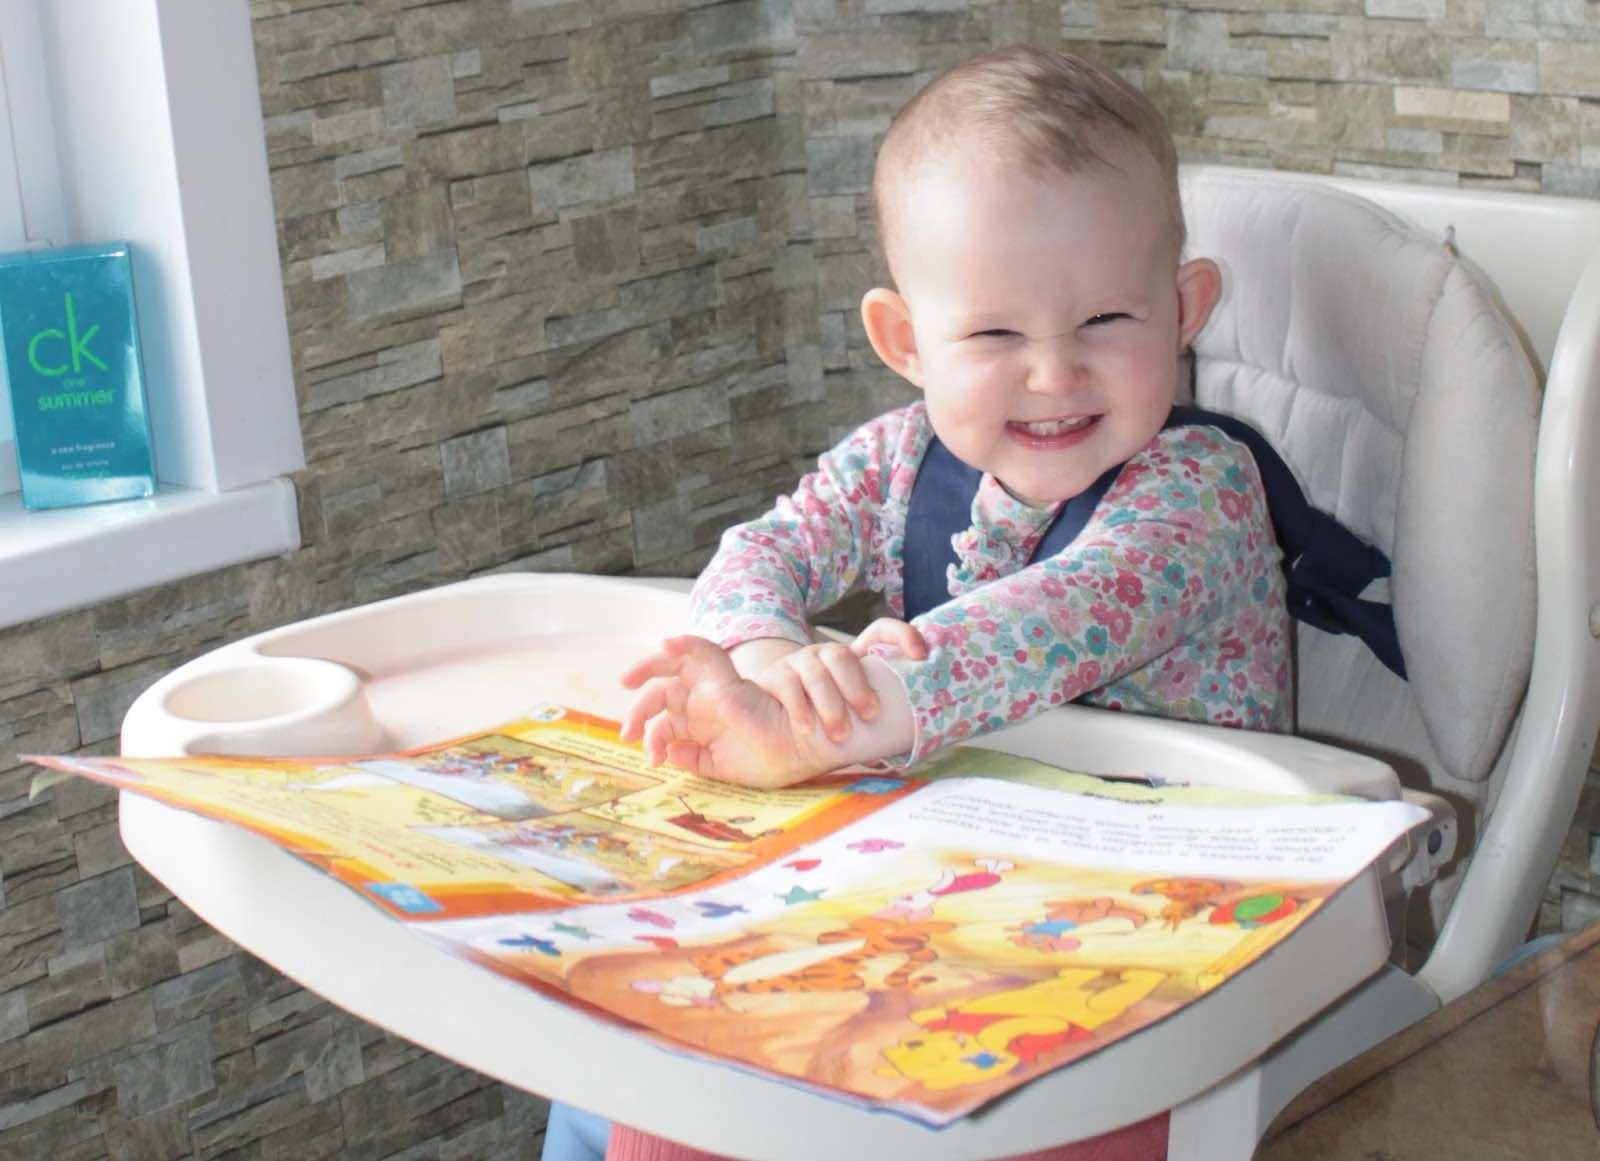 Пособие на ребёнка возрастом до полутора лет, было увеличено после начала пандемии COVID-19